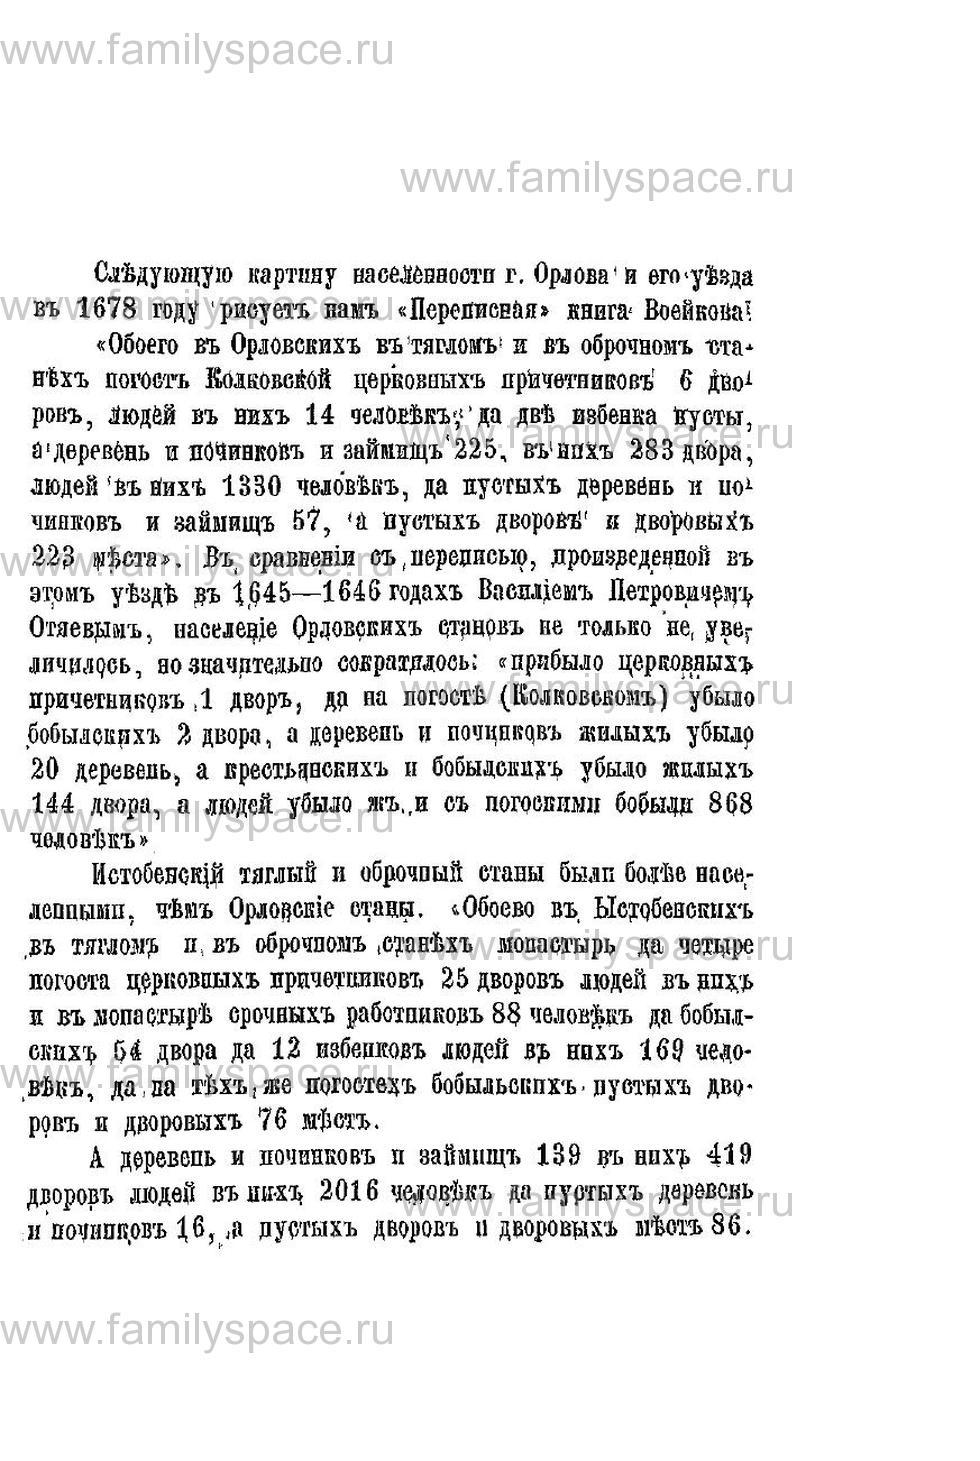 Поиск по фамилии - Переписная книга Орлова и волостей 1678 г, страница 117